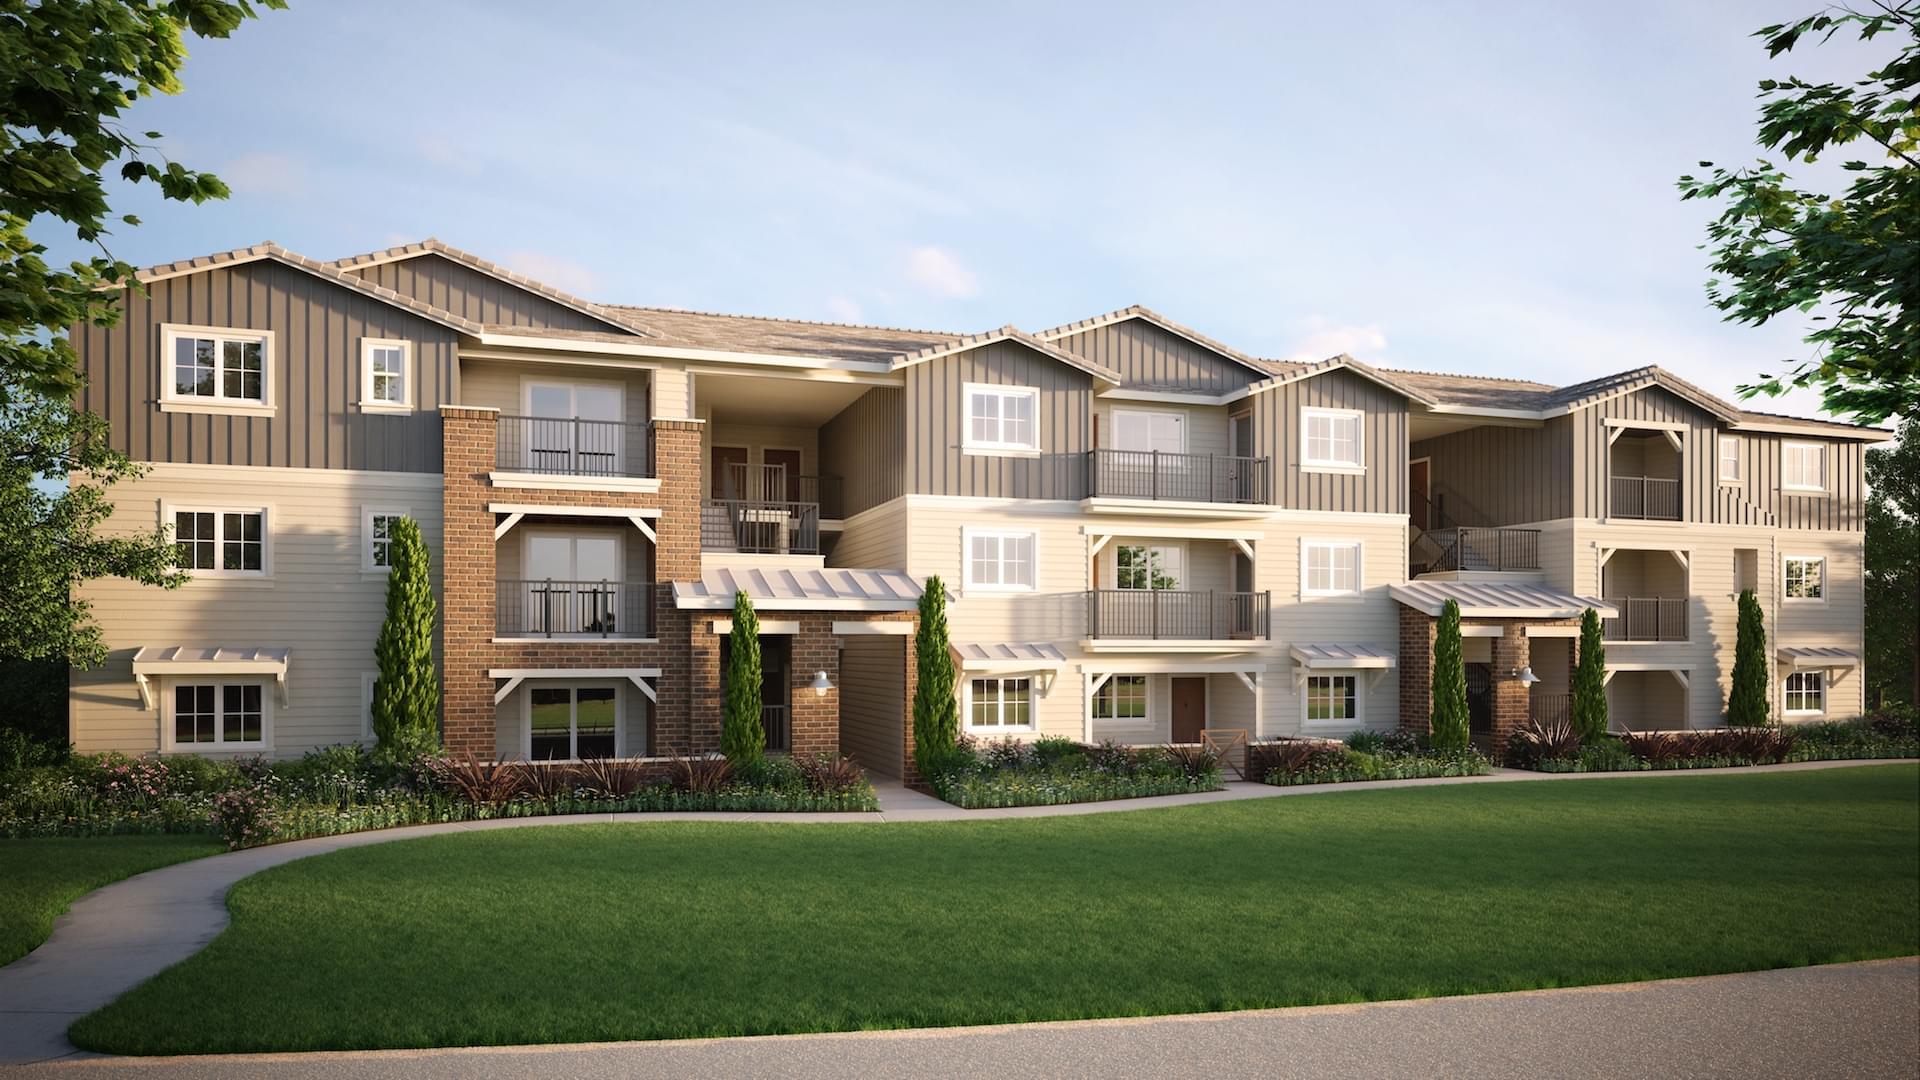 1416 Mauro Pietro Drive #306 in , CA by DeNova Homes